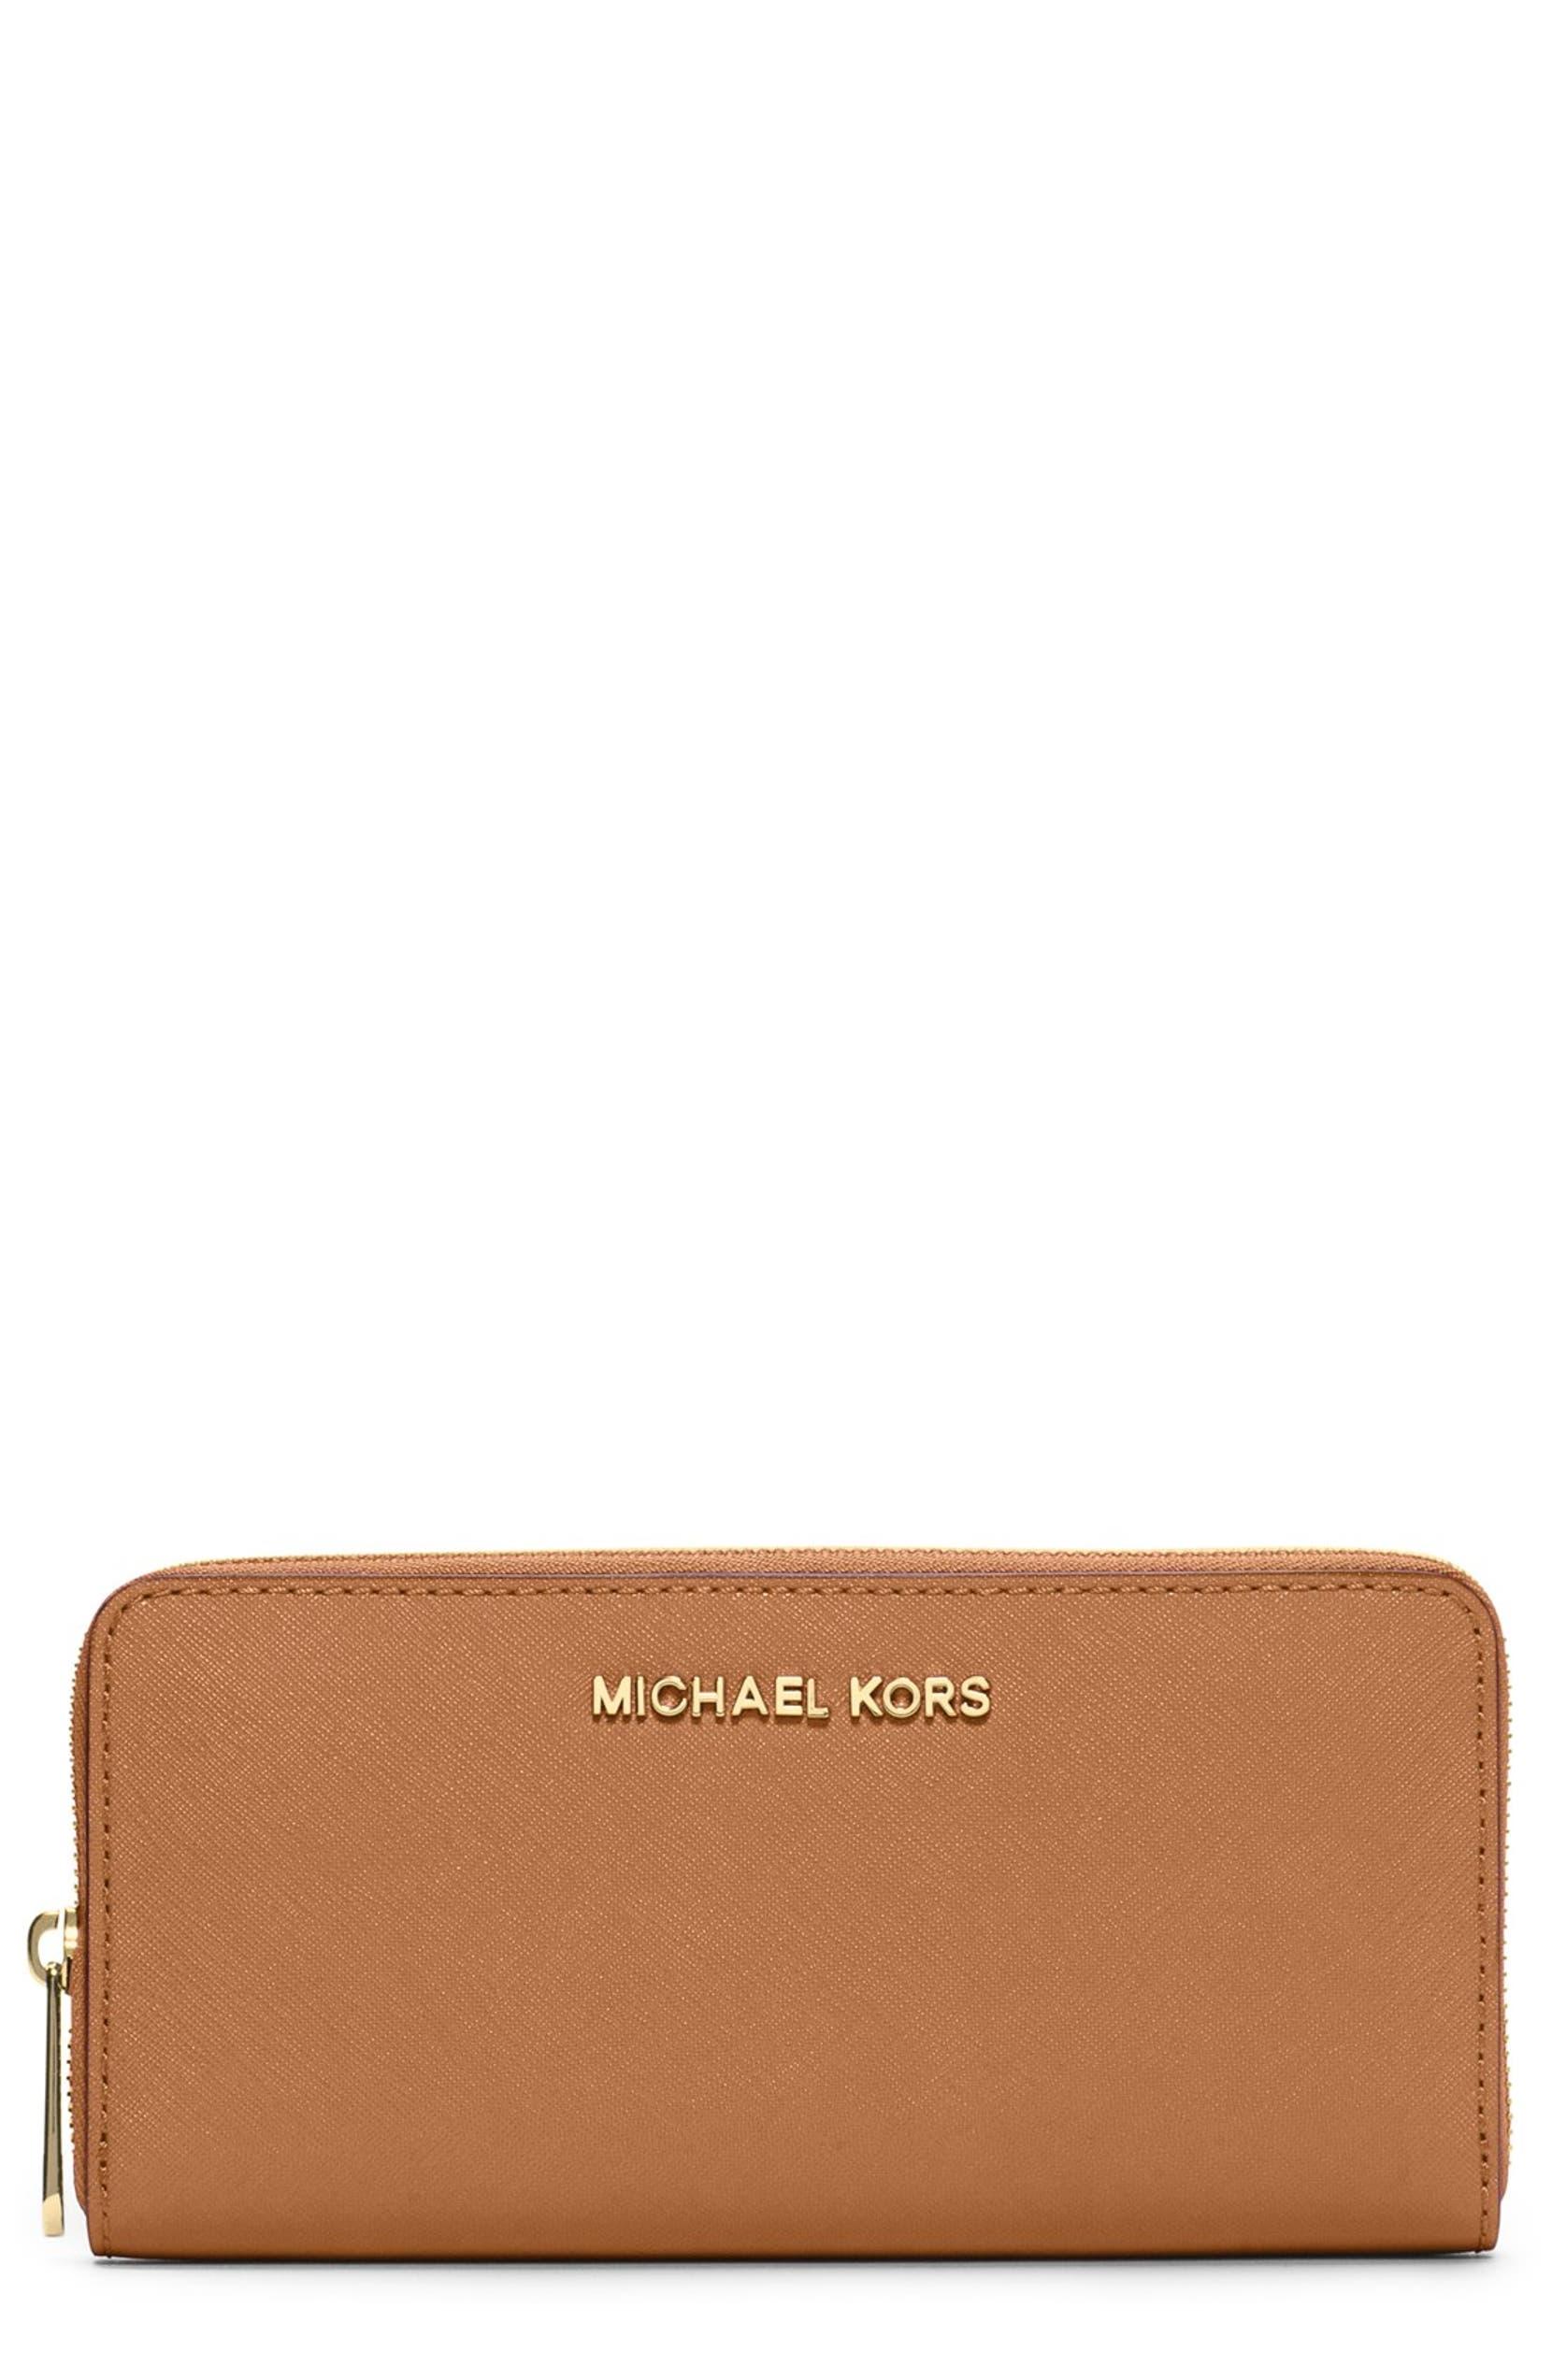 6091b805be77 MICHAEL Michael Kors 'Jet Set' Saffiano Zip Around Wallet | Nordstrom